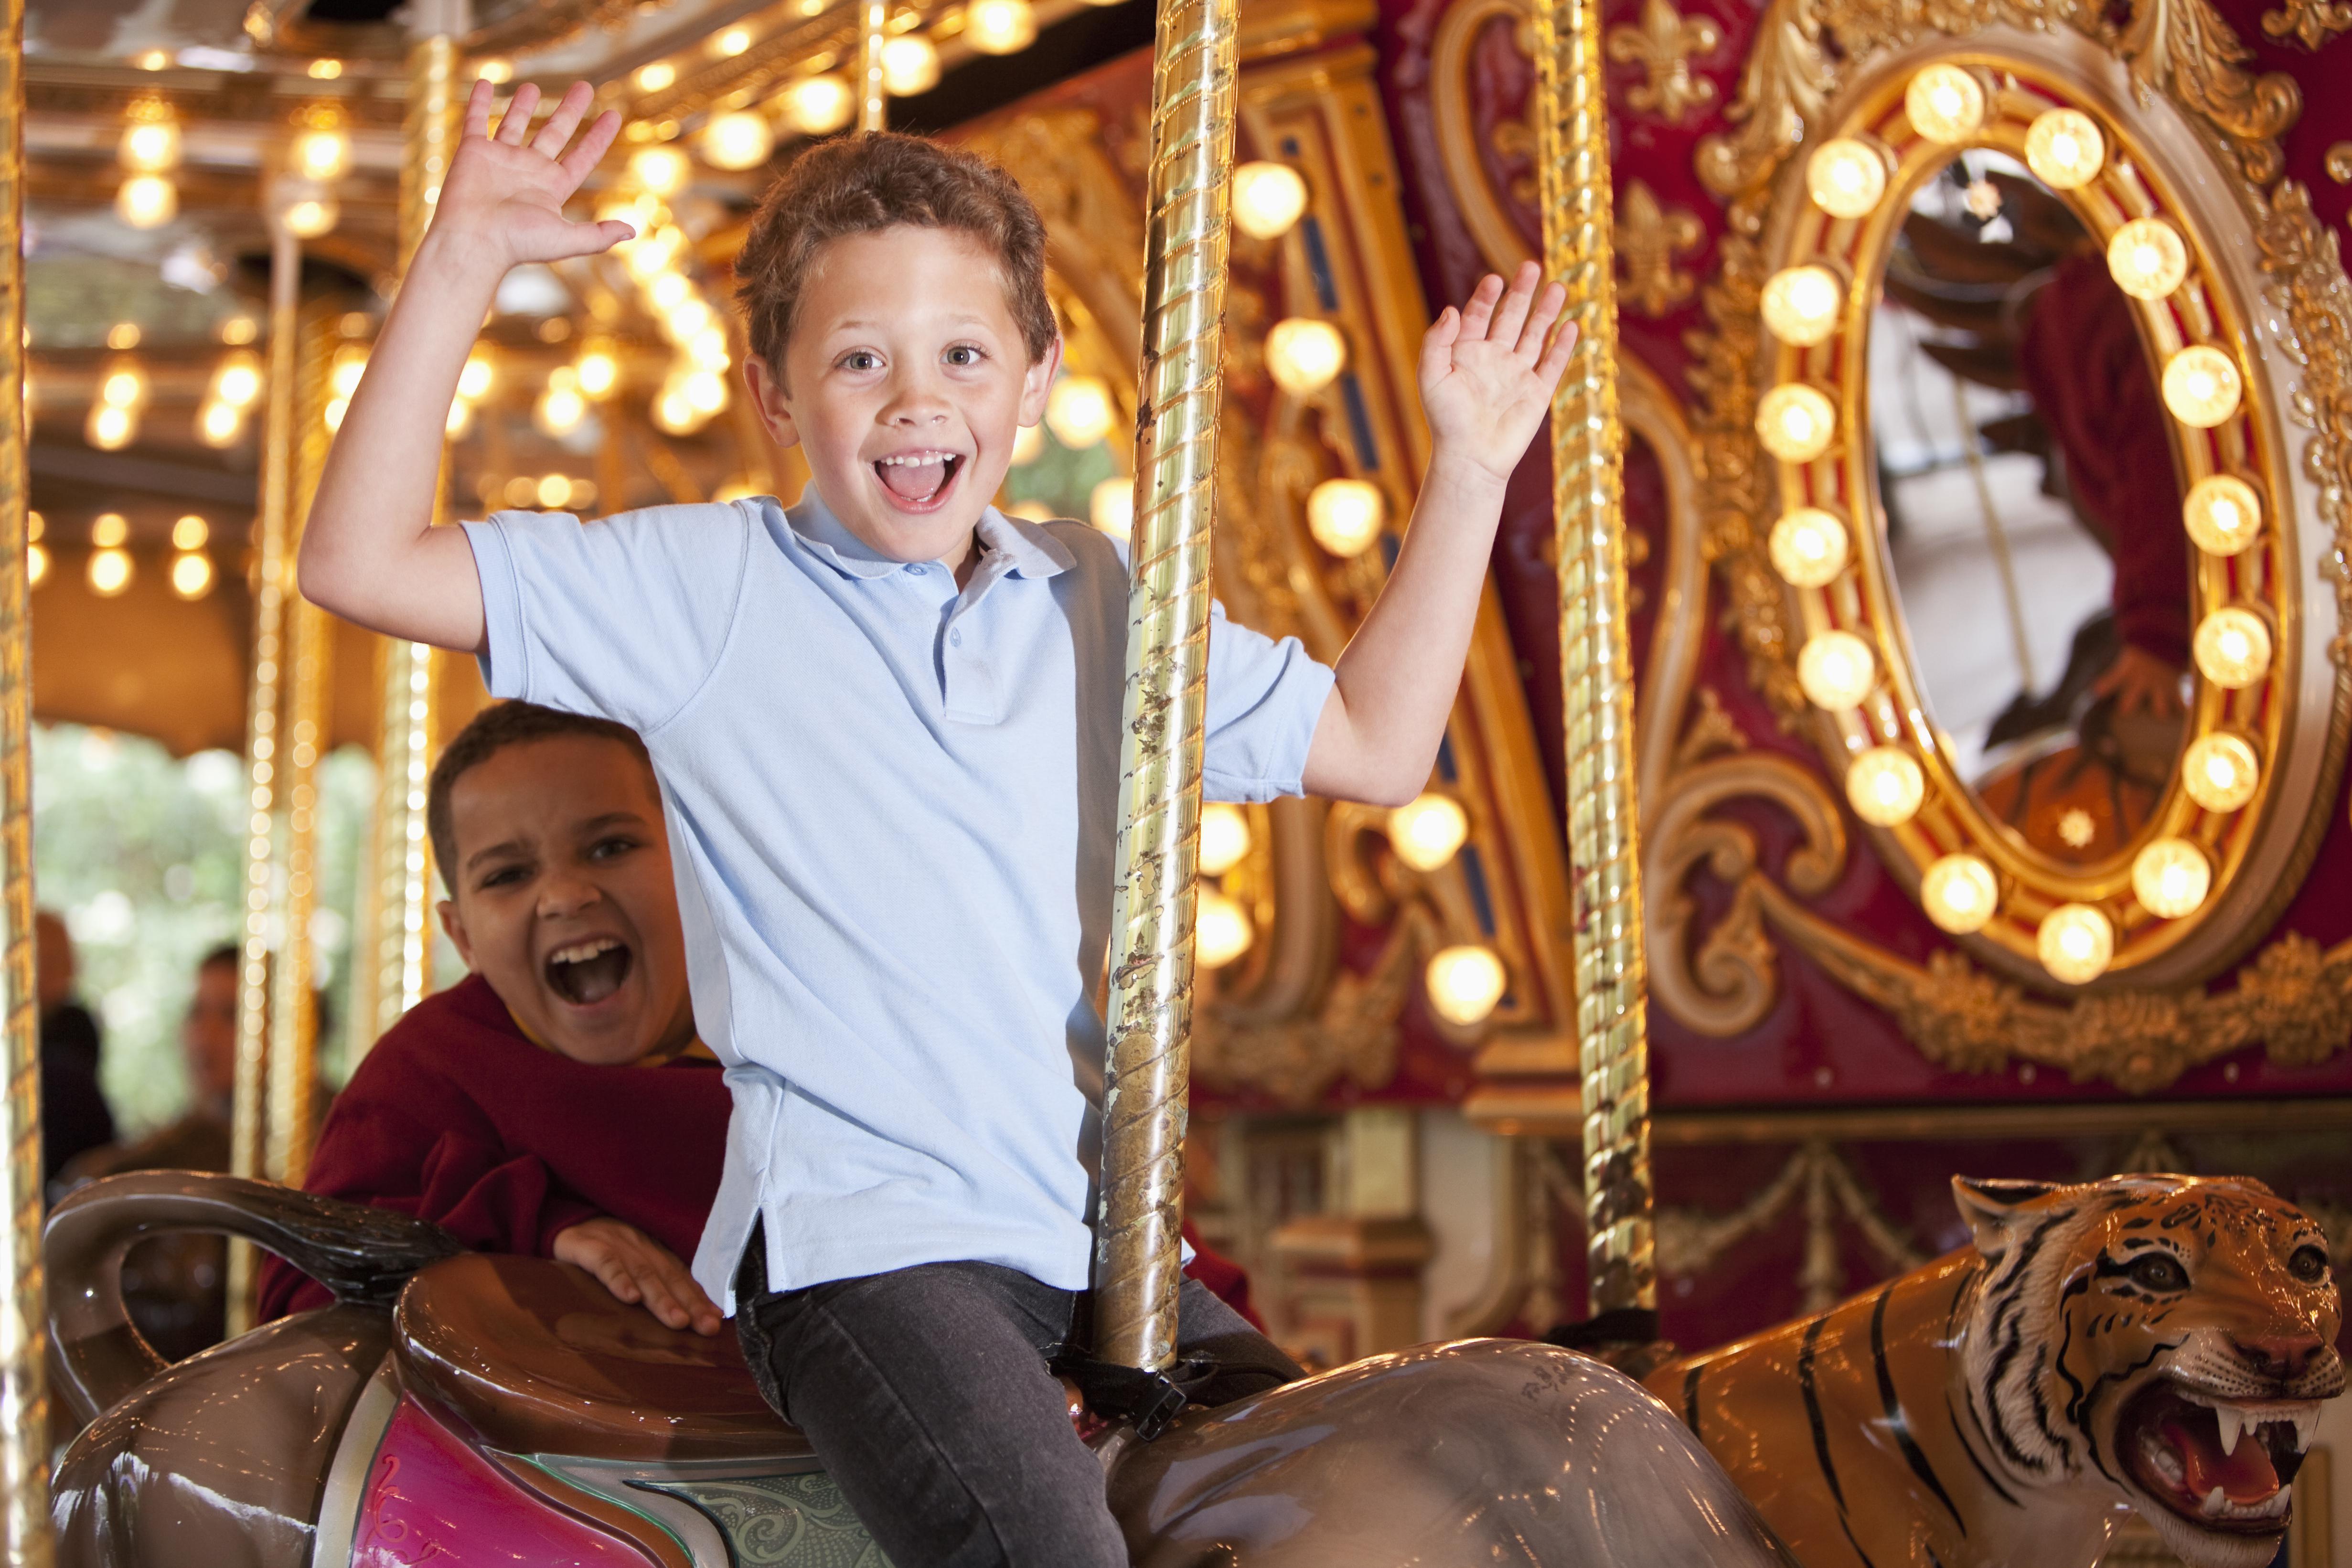 Boys riding carousel